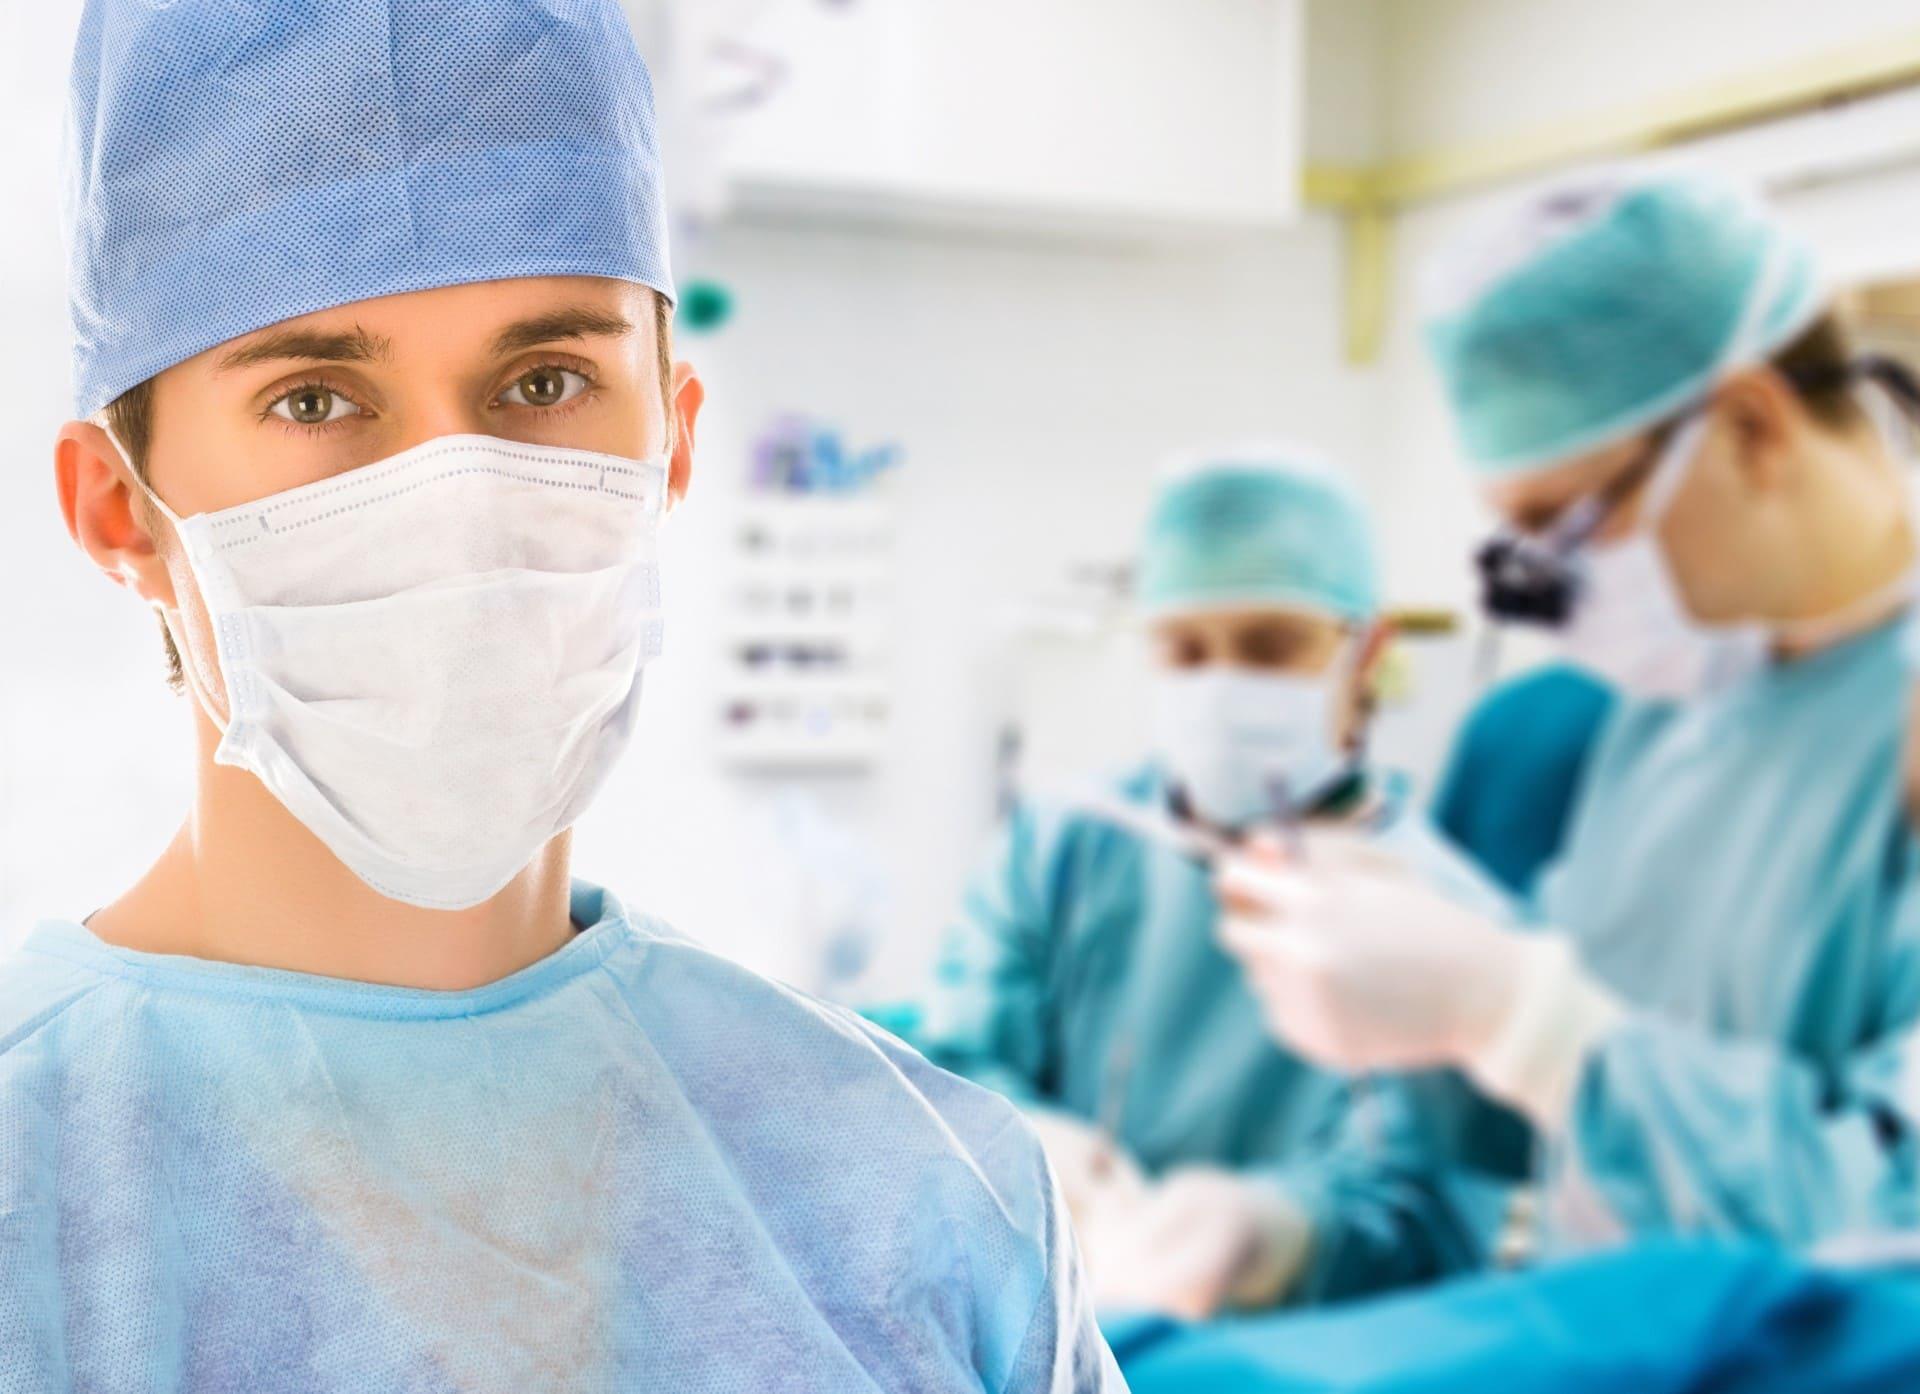 госпитализация в больницу, госпитализация в стационар, госпитализация в больницу или стационар, госпитализация больных в стационар, госпитализация детей и взрослых, услуги платной госпитализации, платная госпитализация в боткинскую больницу, срочная платная госпитализация, показания к госпитализации пациентов, экстренная психиатрическая госпитализация, госпитализация в психиатрический стационар, дородовая госпитализация, помощь в госпитализации, госпитализация на операцию, неотложная госпитализация